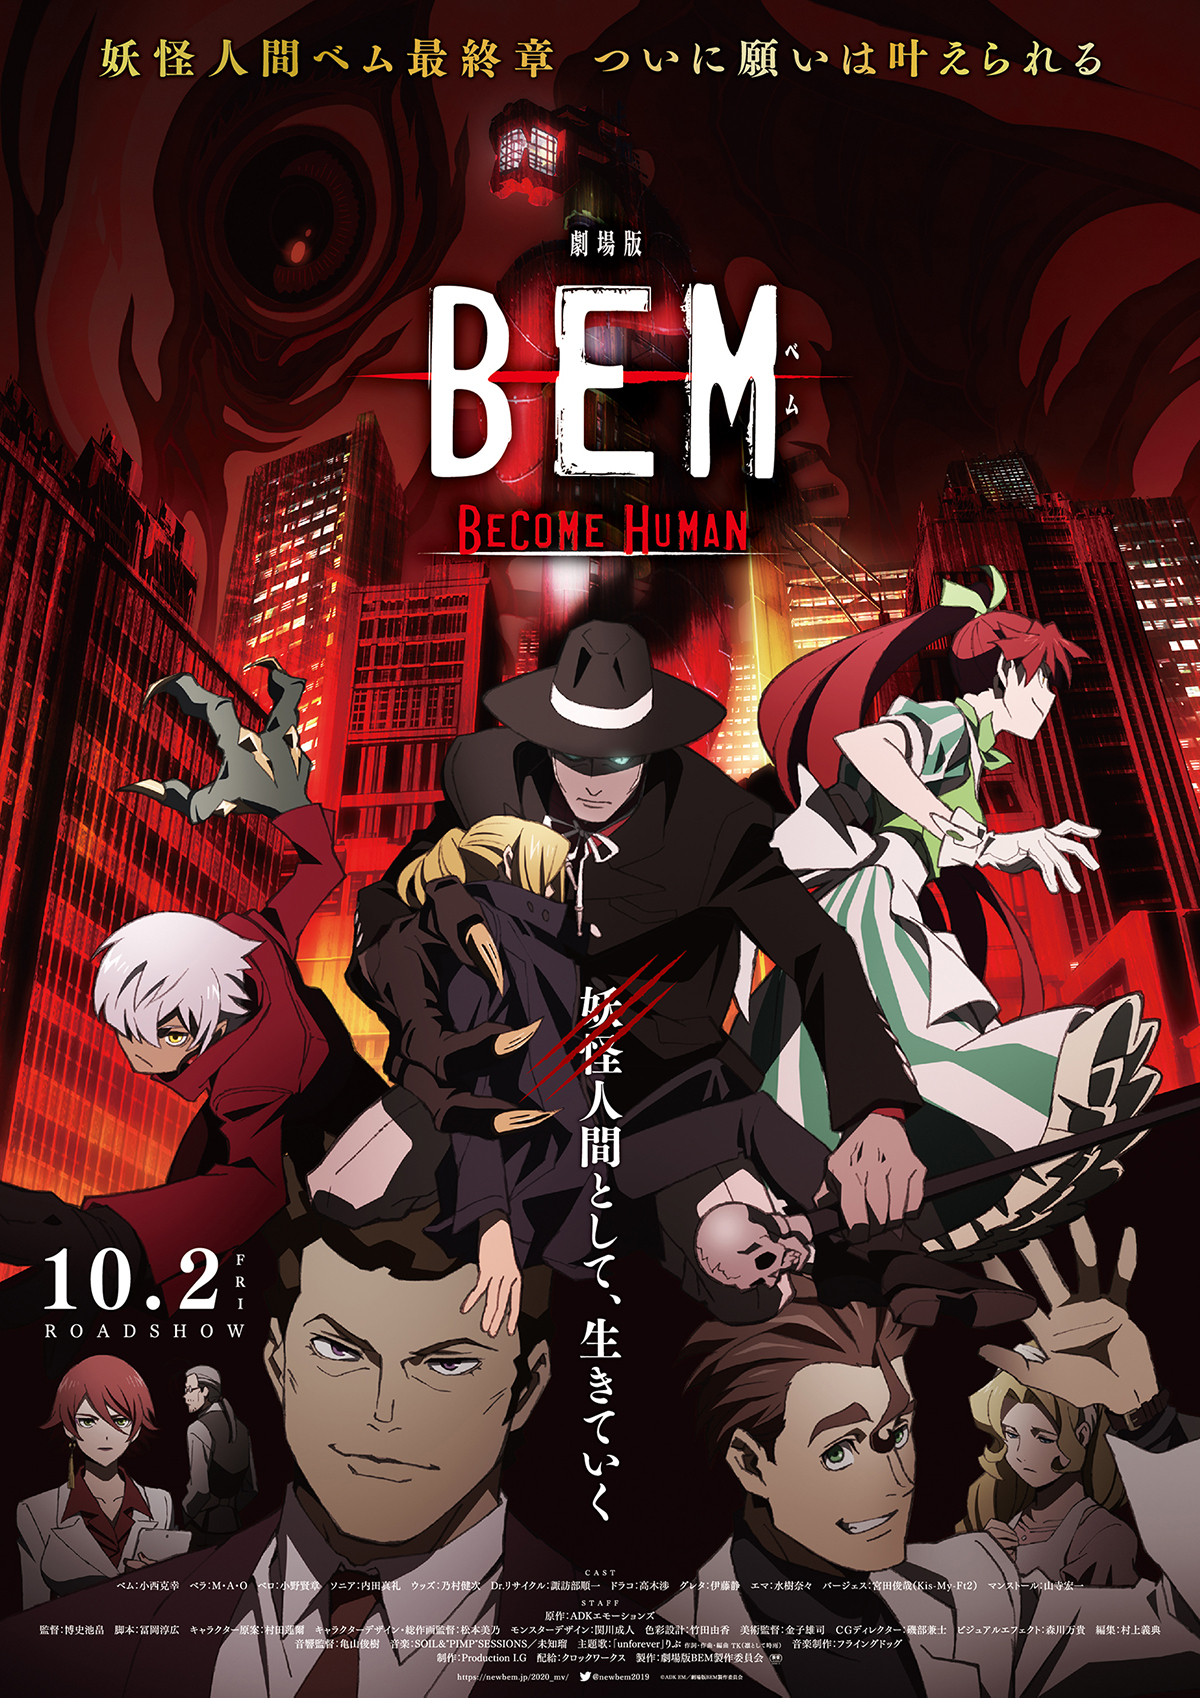 『劇場版BEM~BECOME HUMAN~』ポスター (C)ADK EM/劇場版BEM製作委員会